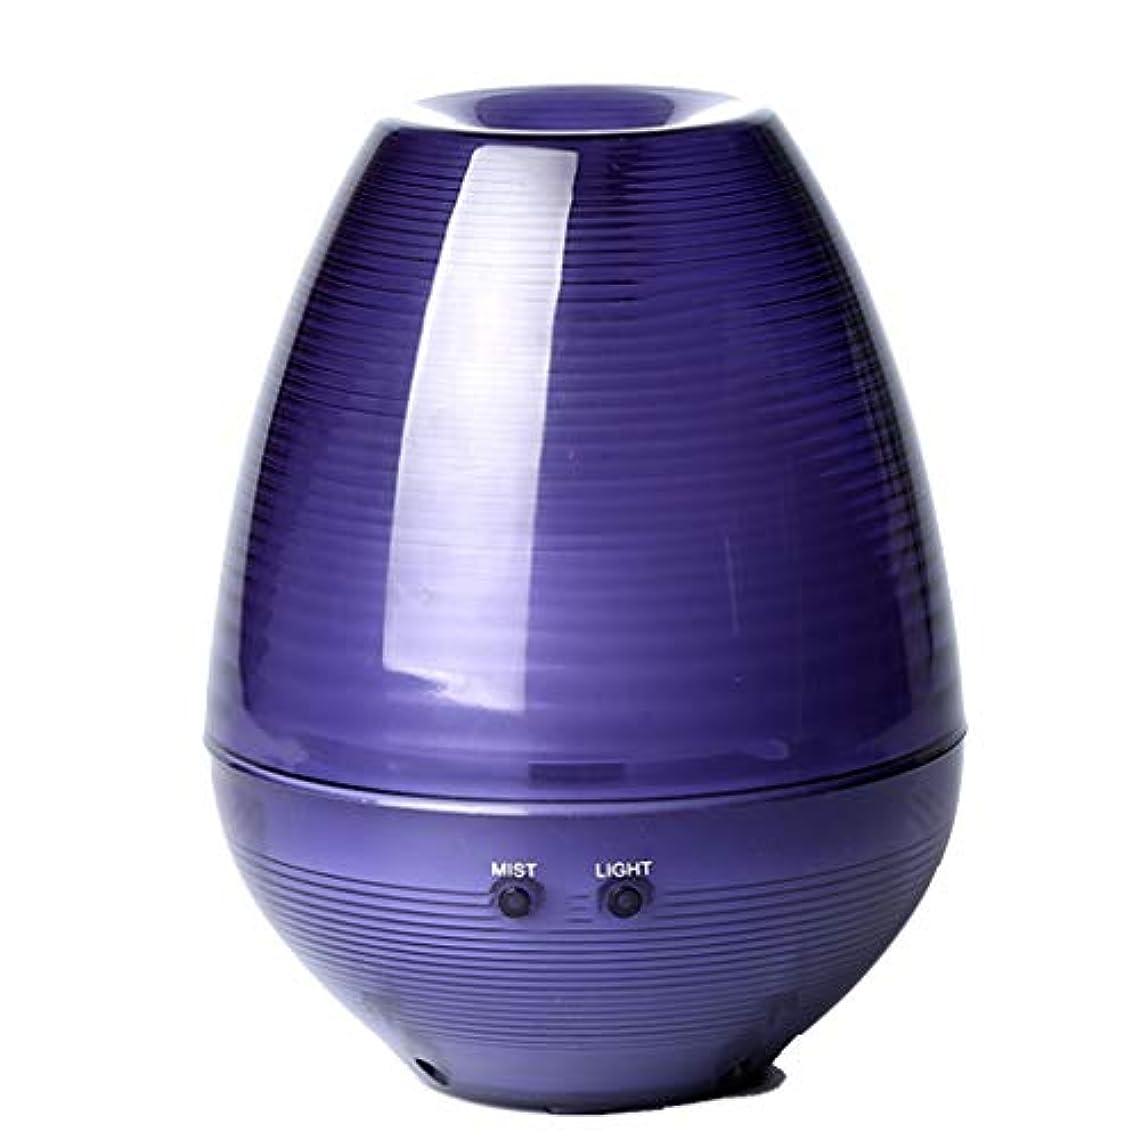 野望ヒギンズ航空便アロマセラピーエッセンシャルオイルディフューザー、アロマディフューザークールミスト加湿器ウォーターレスオートシャットオフホームオフィス用ヨガ (Color : Purple)